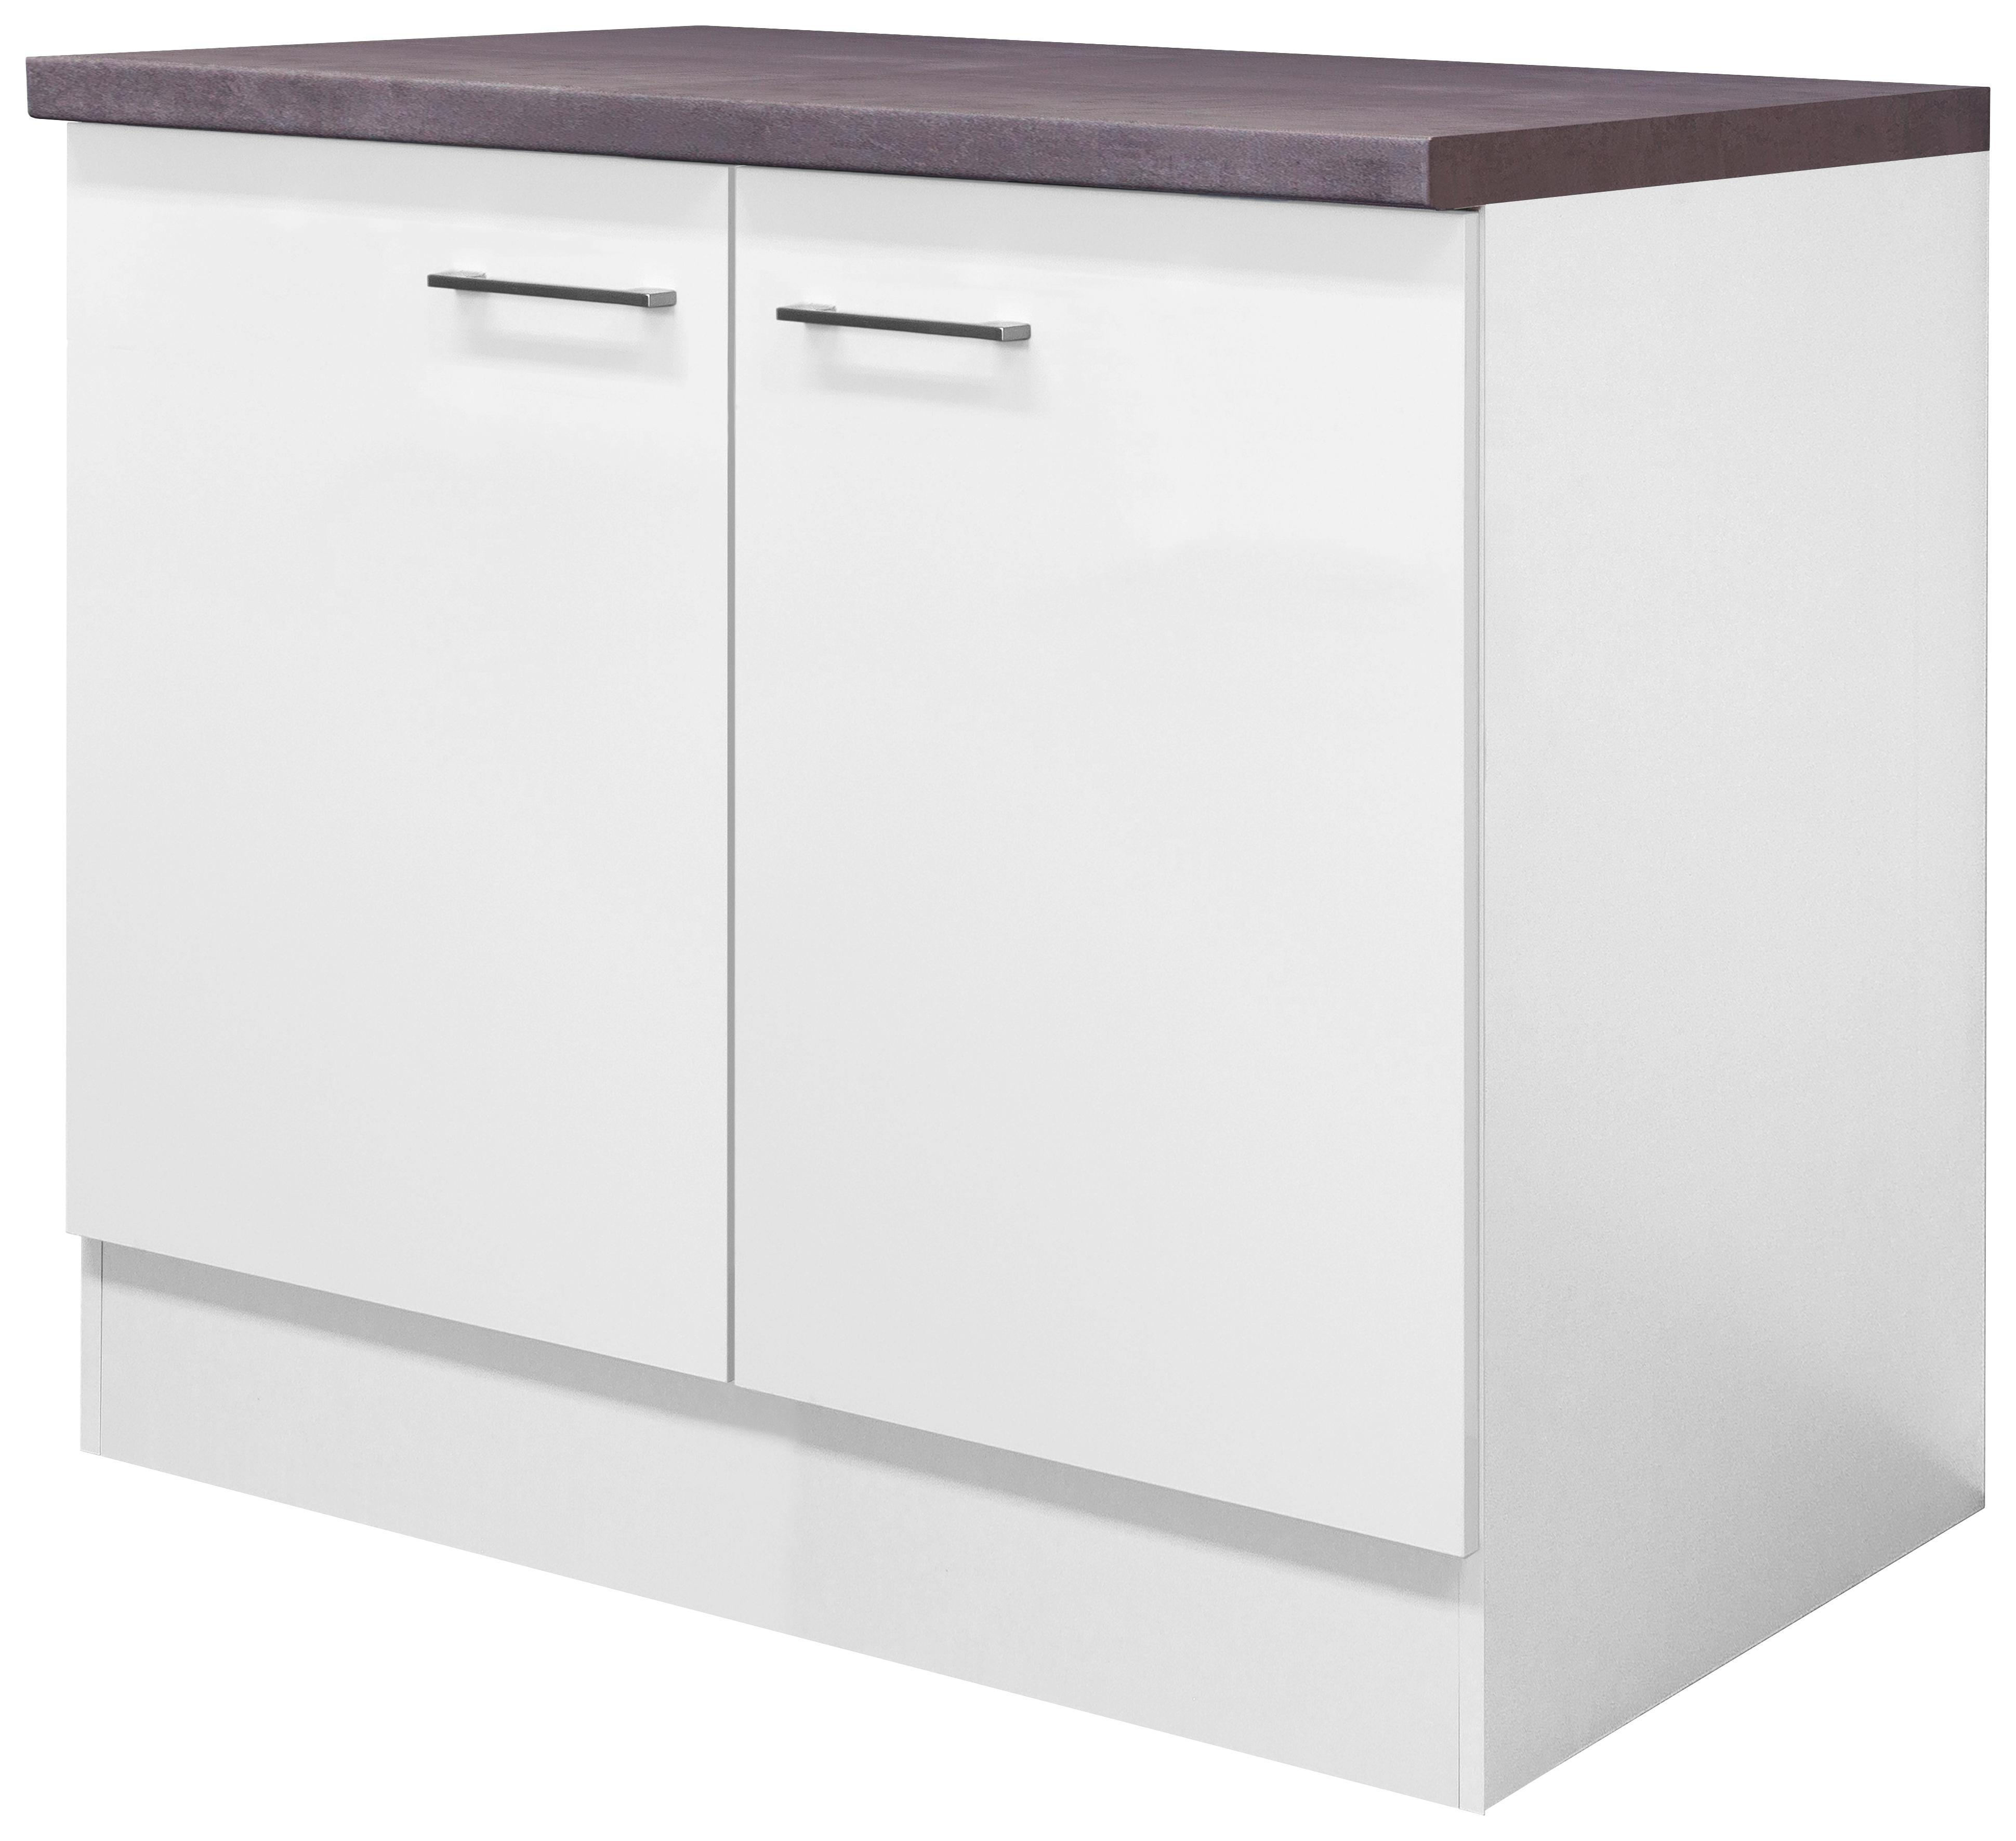 Roller kuchenschranke einzeln for Gunstige kuchenunterschranke